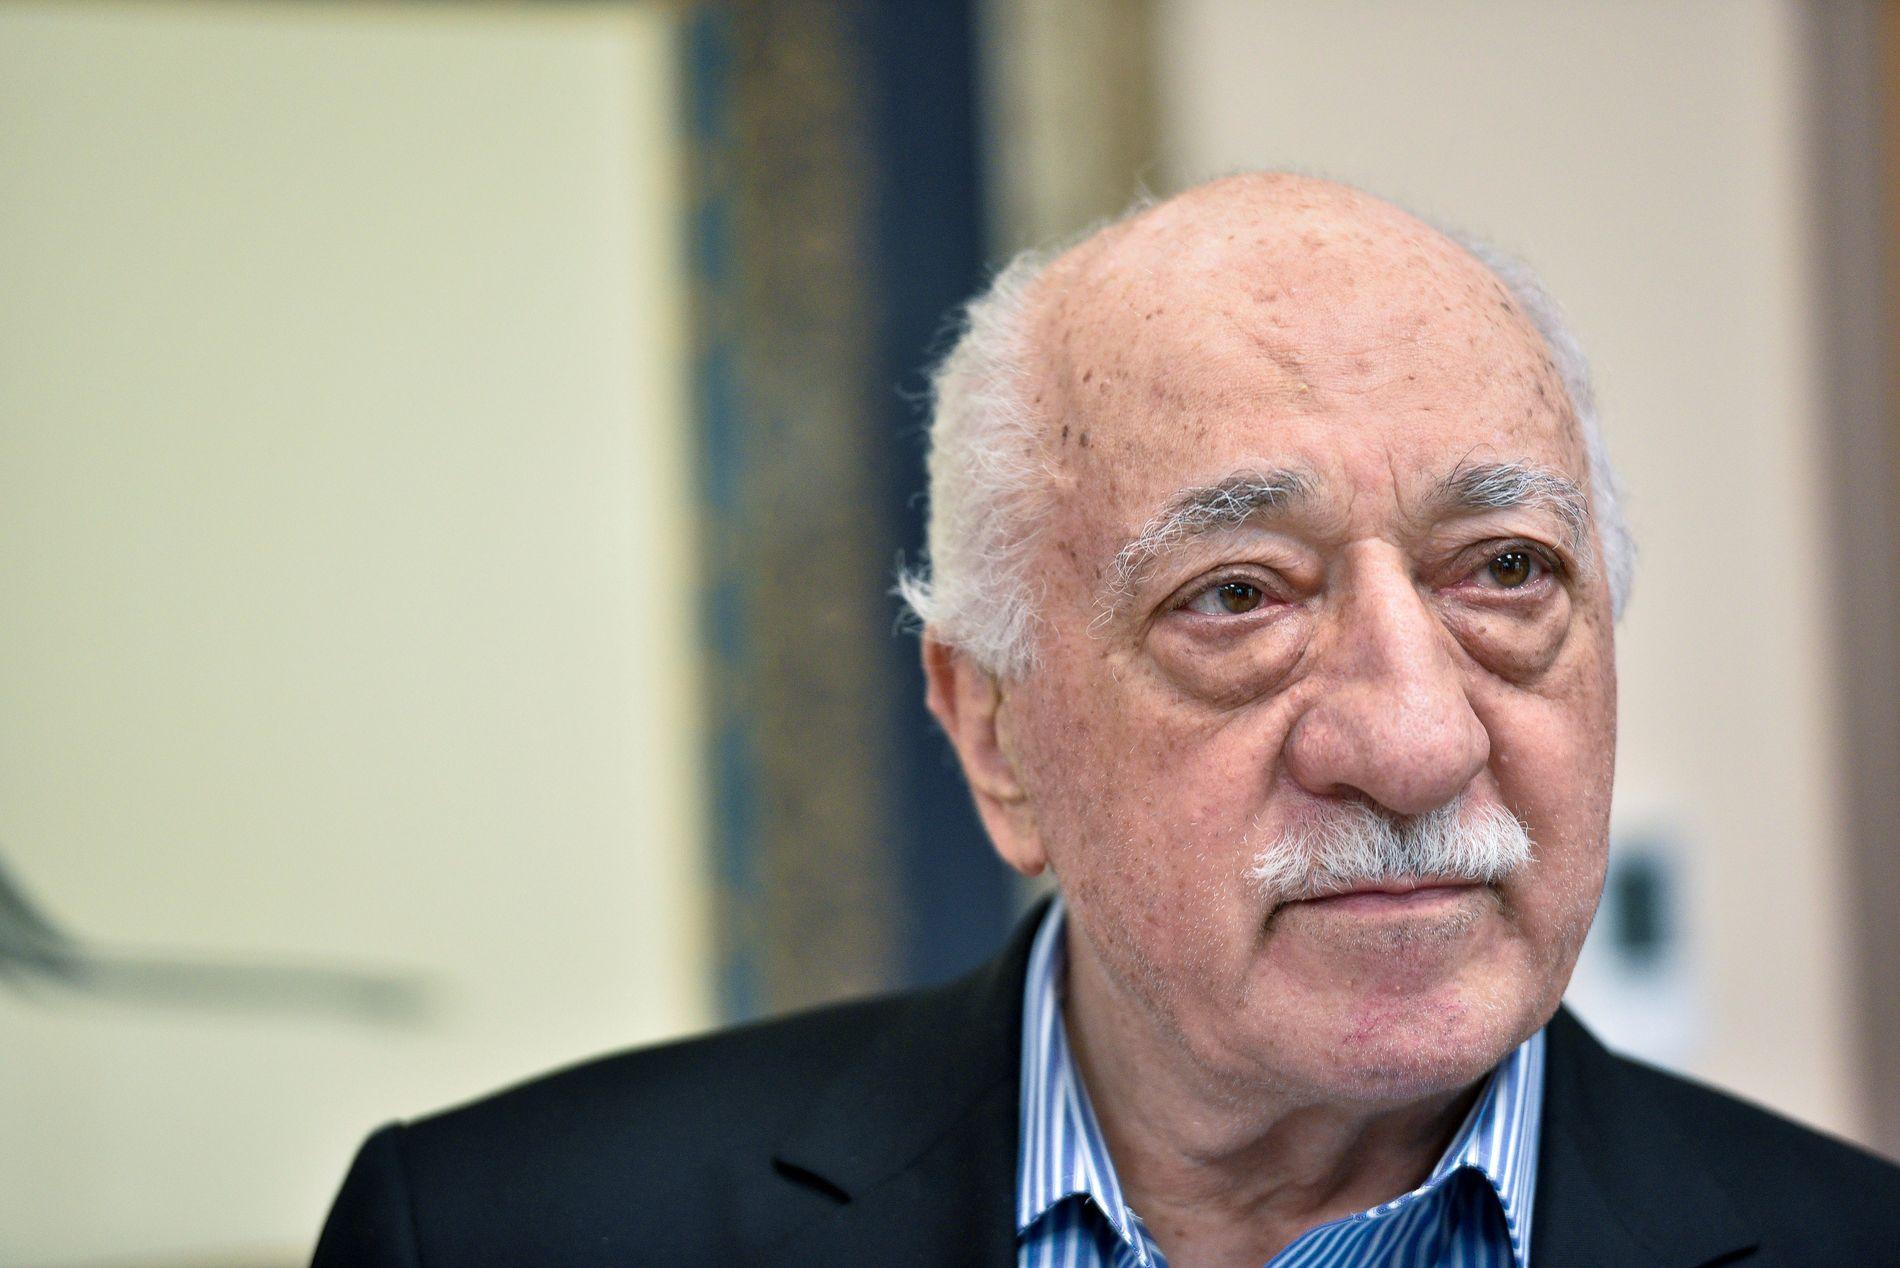 HOVEDFIENDEN: Fethullah Gülen og hans bevegelse var lenge støttespillere for Erdogan, men etter Gülens støttespillere kom med korrupsjonsanklager regjeringen i 2013, utviklet det seg en maktkamp mellom de to.